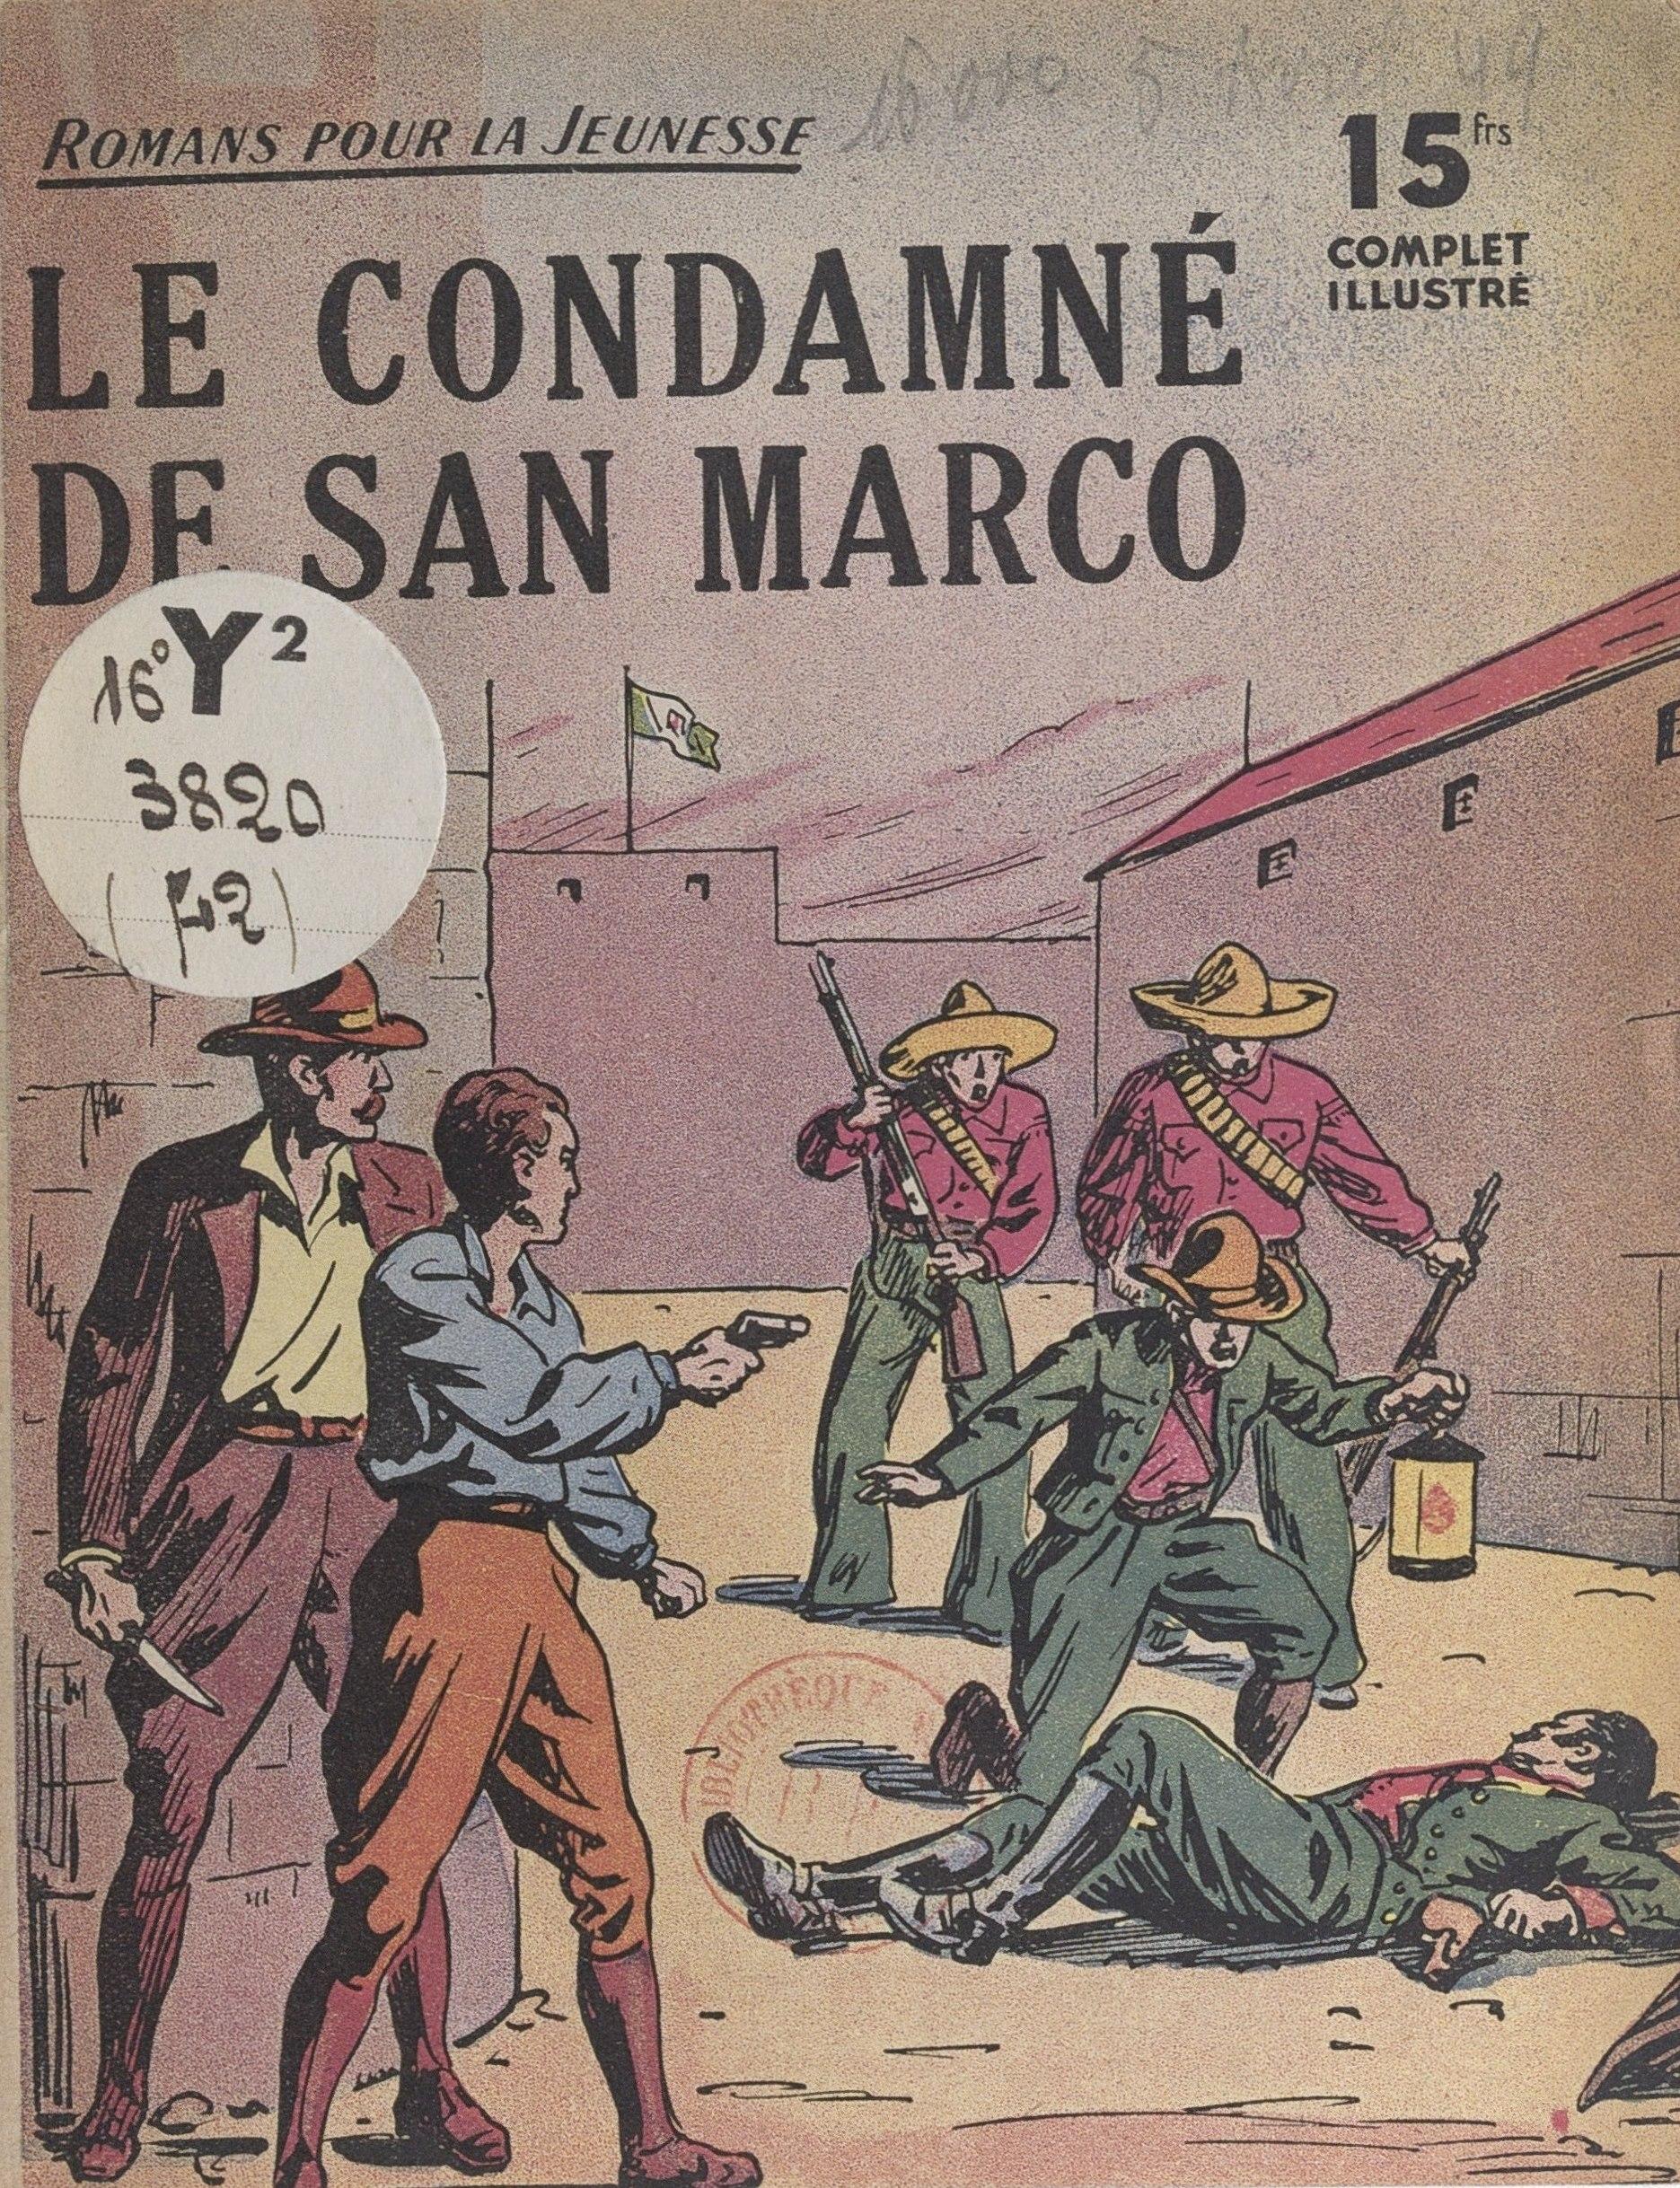 Le condamné de San Marco